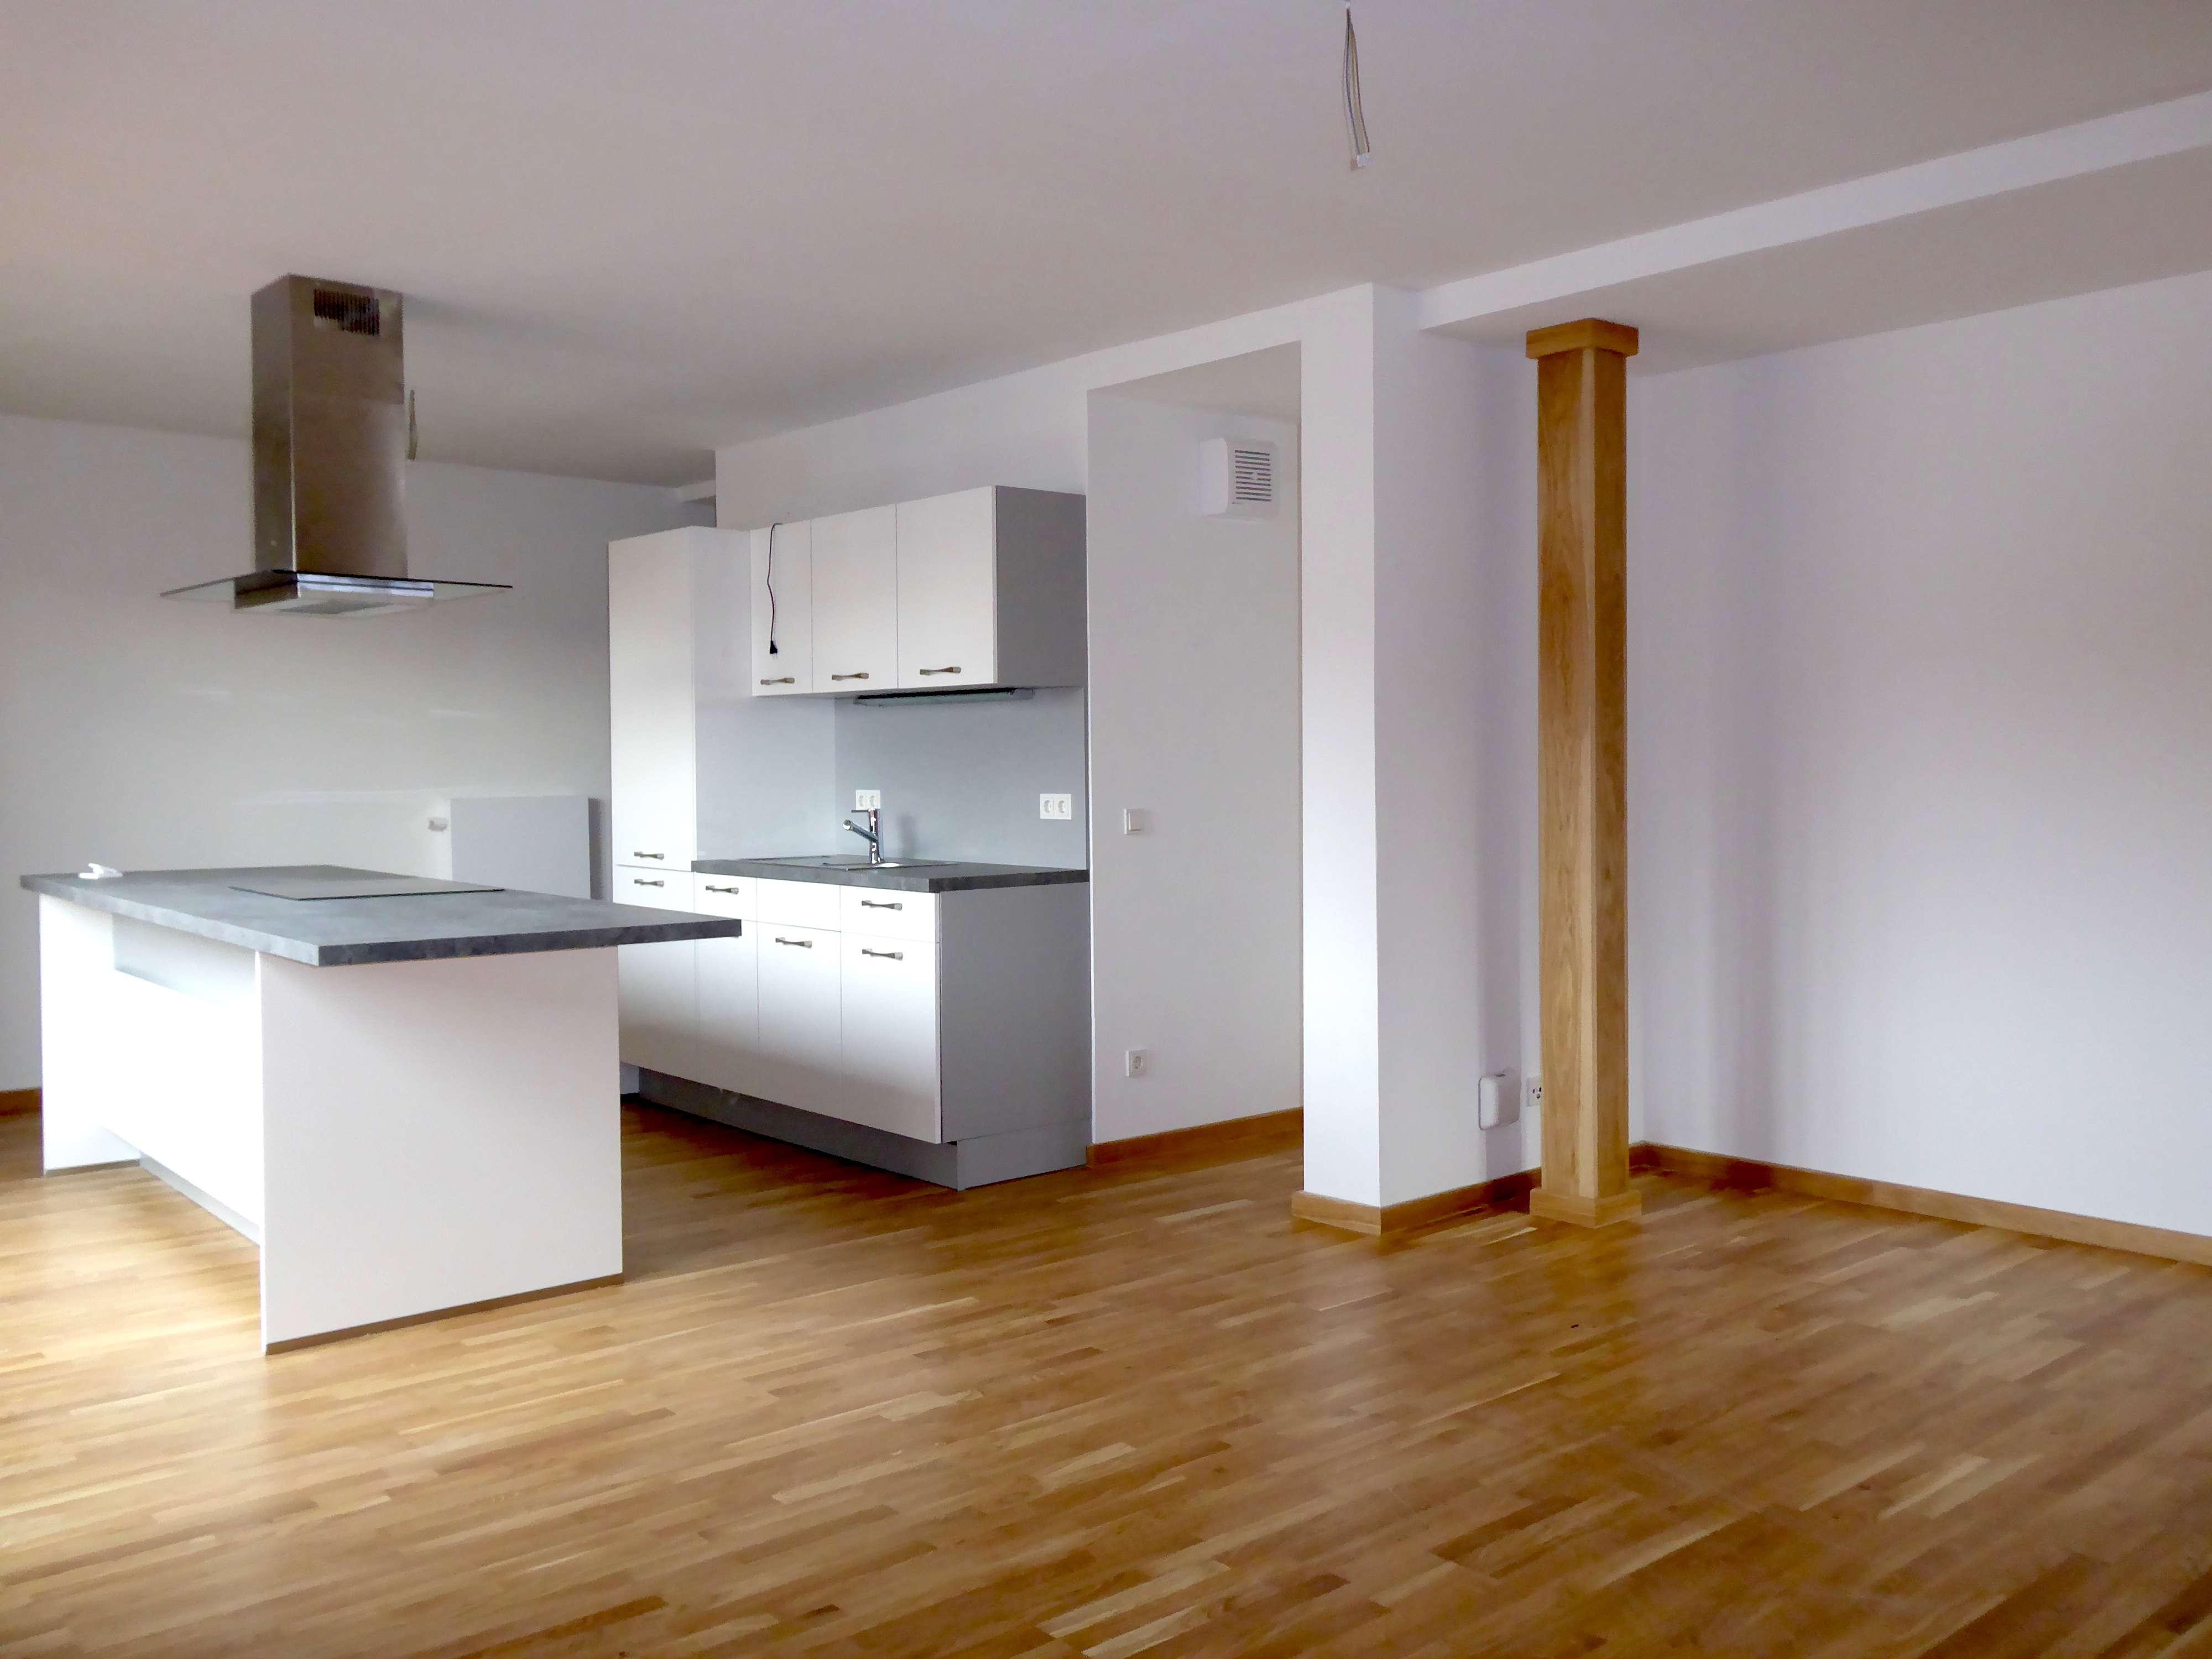 Erstbezug nach Sanierung - Hochwertige 2-Zimmer-Wohnung mit Loggia in bester Altstadtlage